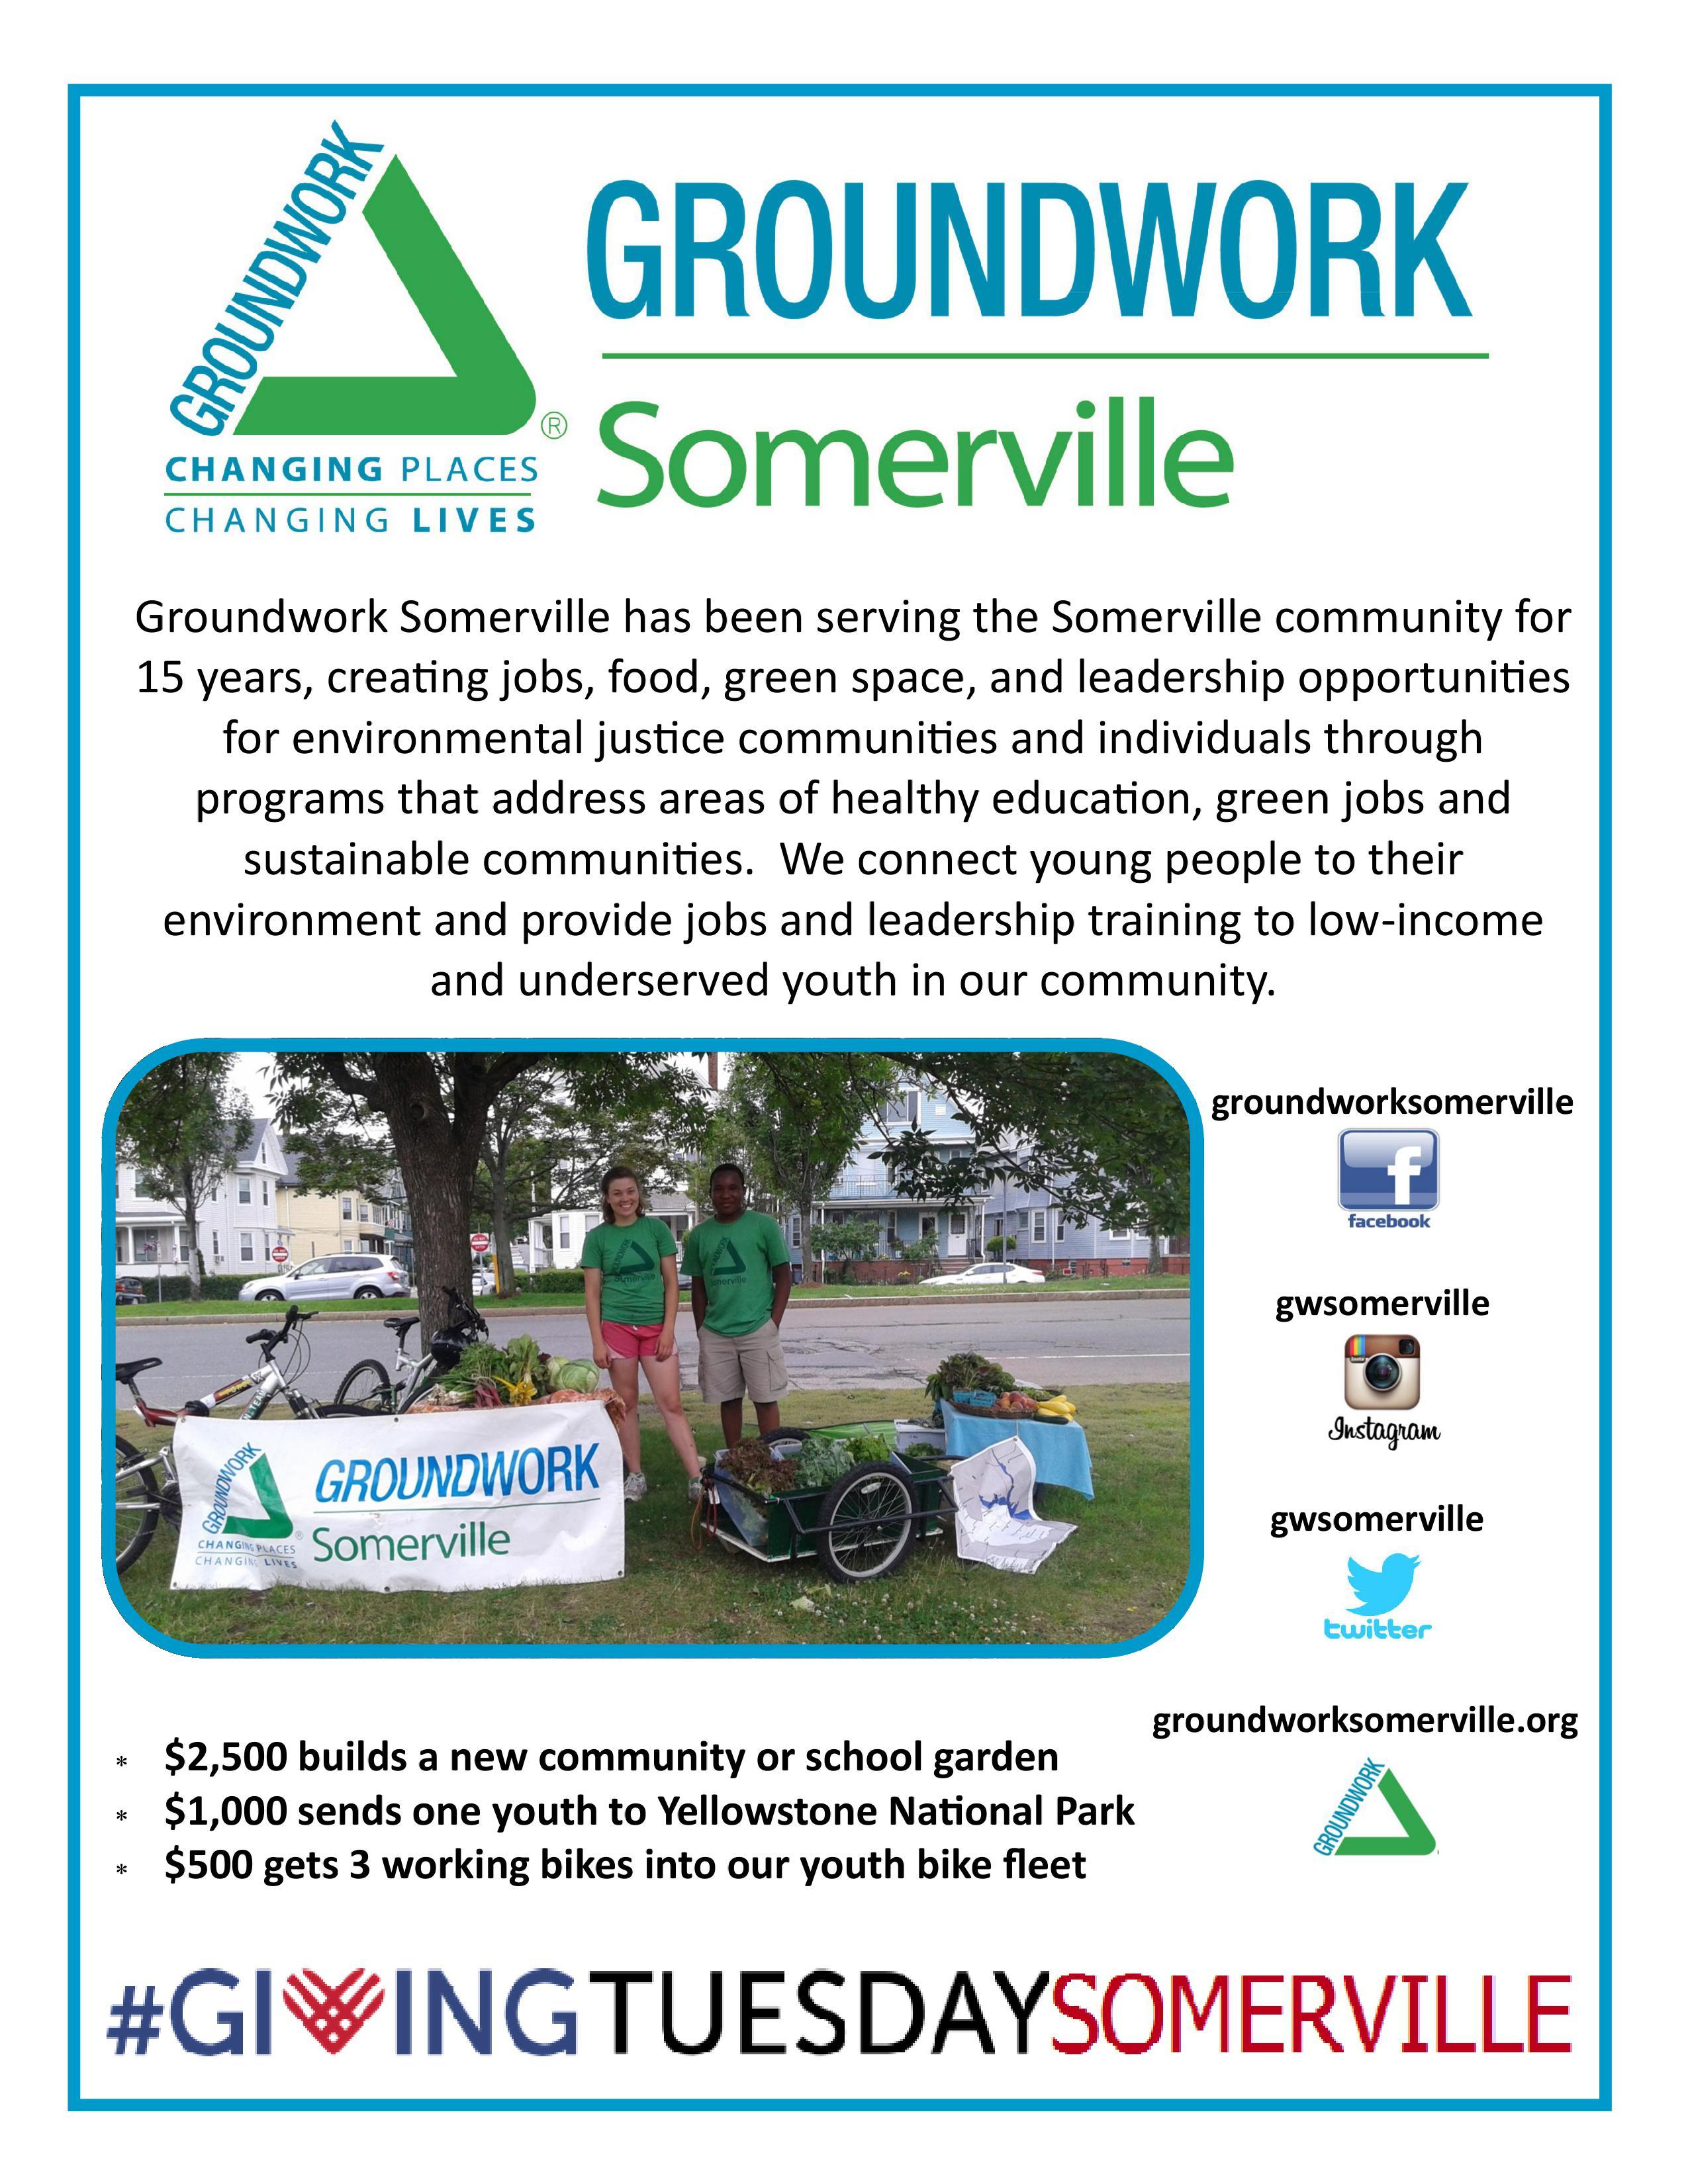 Groundwork Somerville